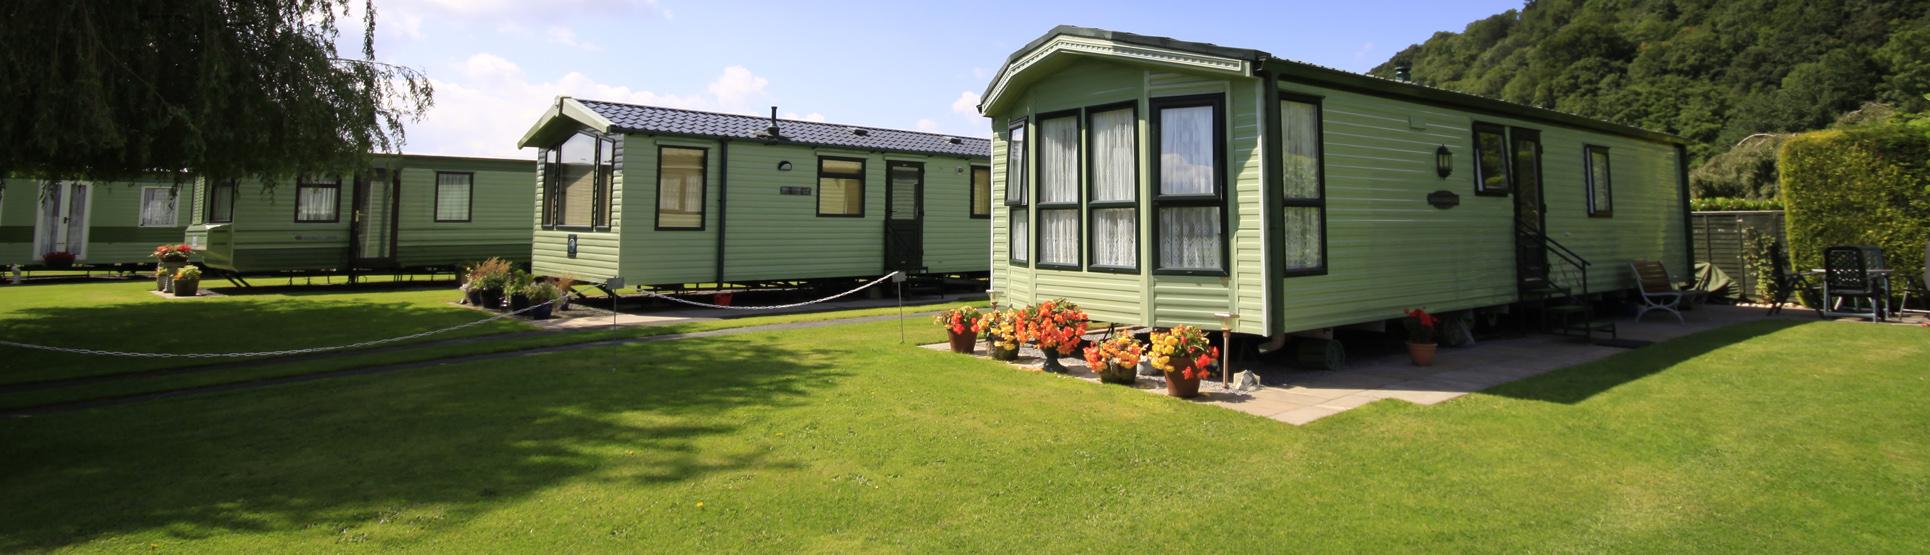 Smithy-Bestparks-Powys-UK